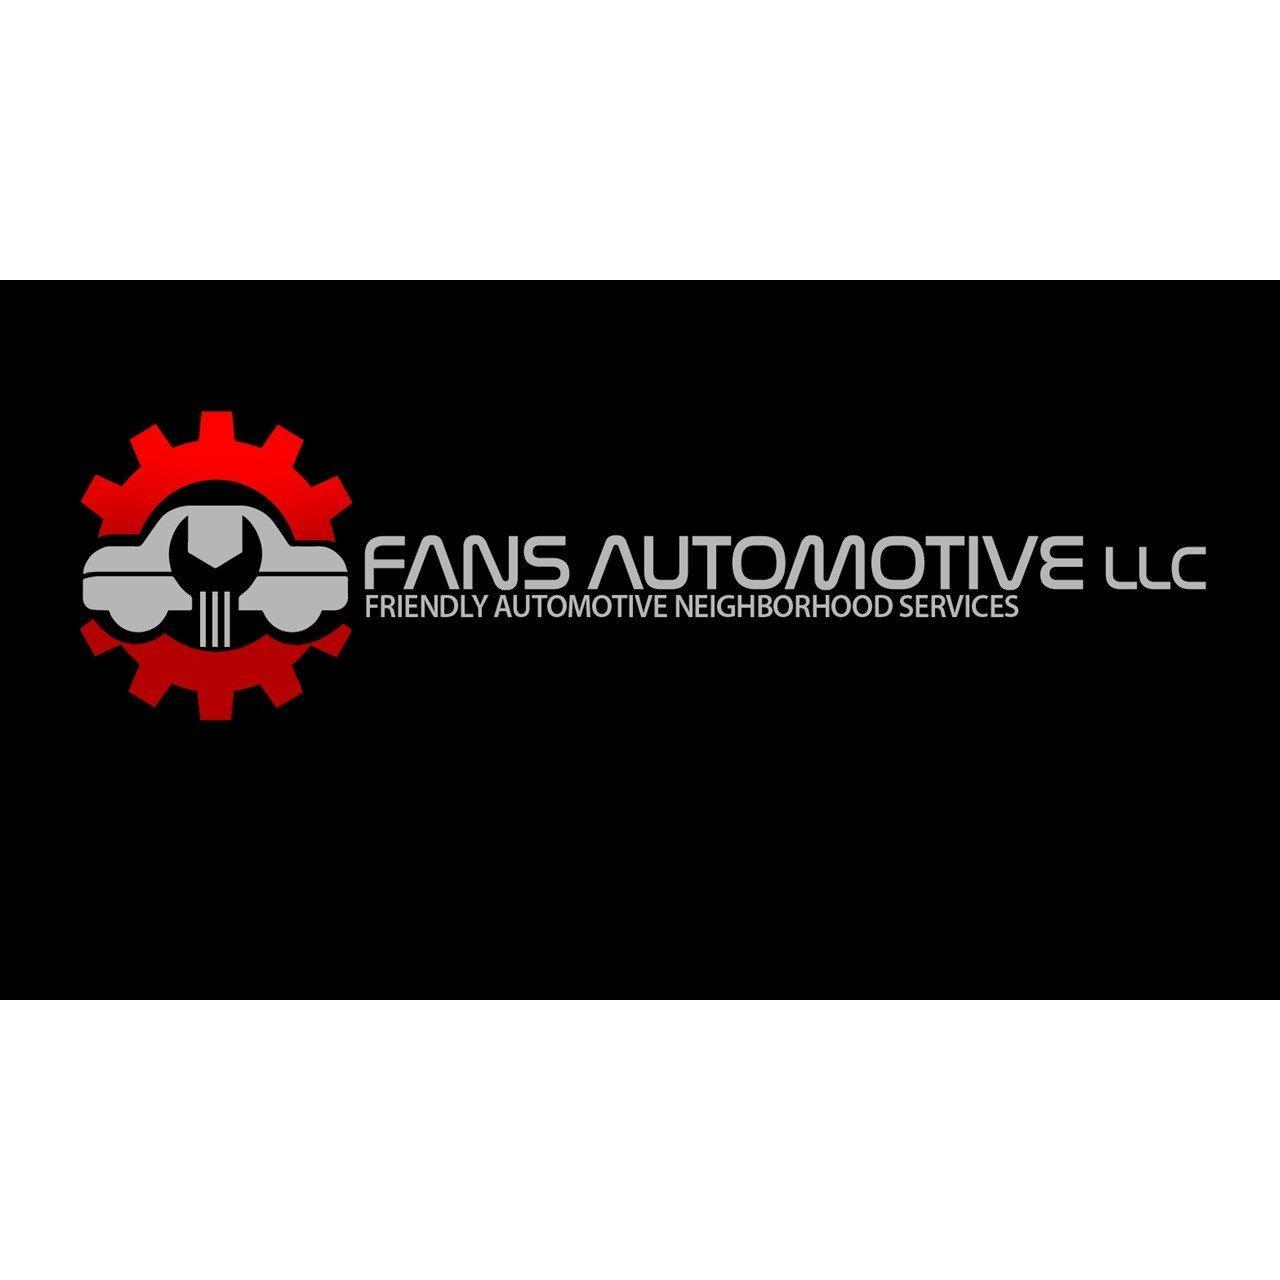 FANS Automotive LLC